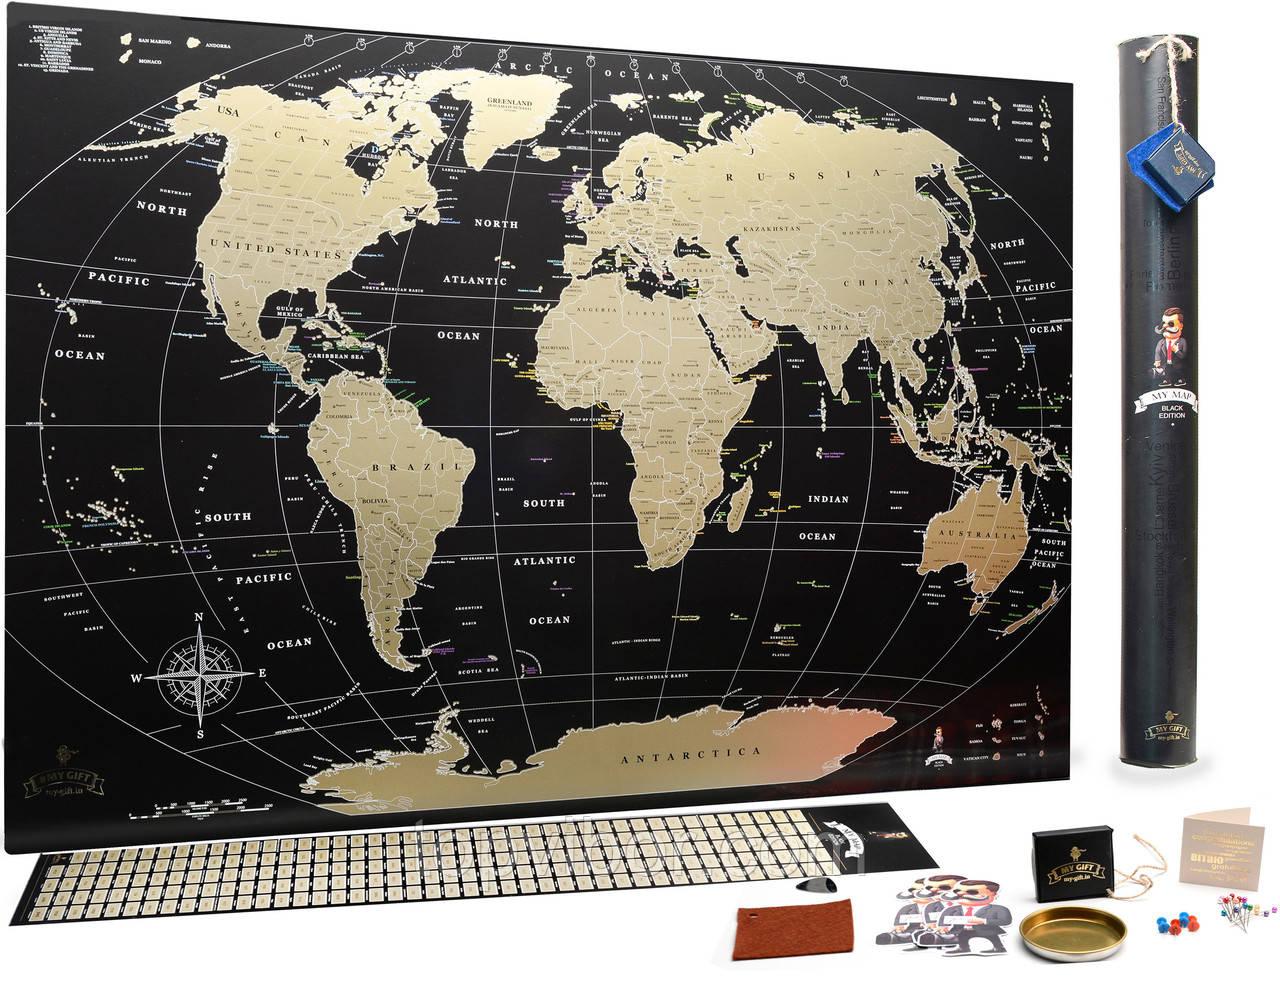 Скретч карта мира My Map Black Edition gold (на англ. языке), карта для отметок путешествий (VT)